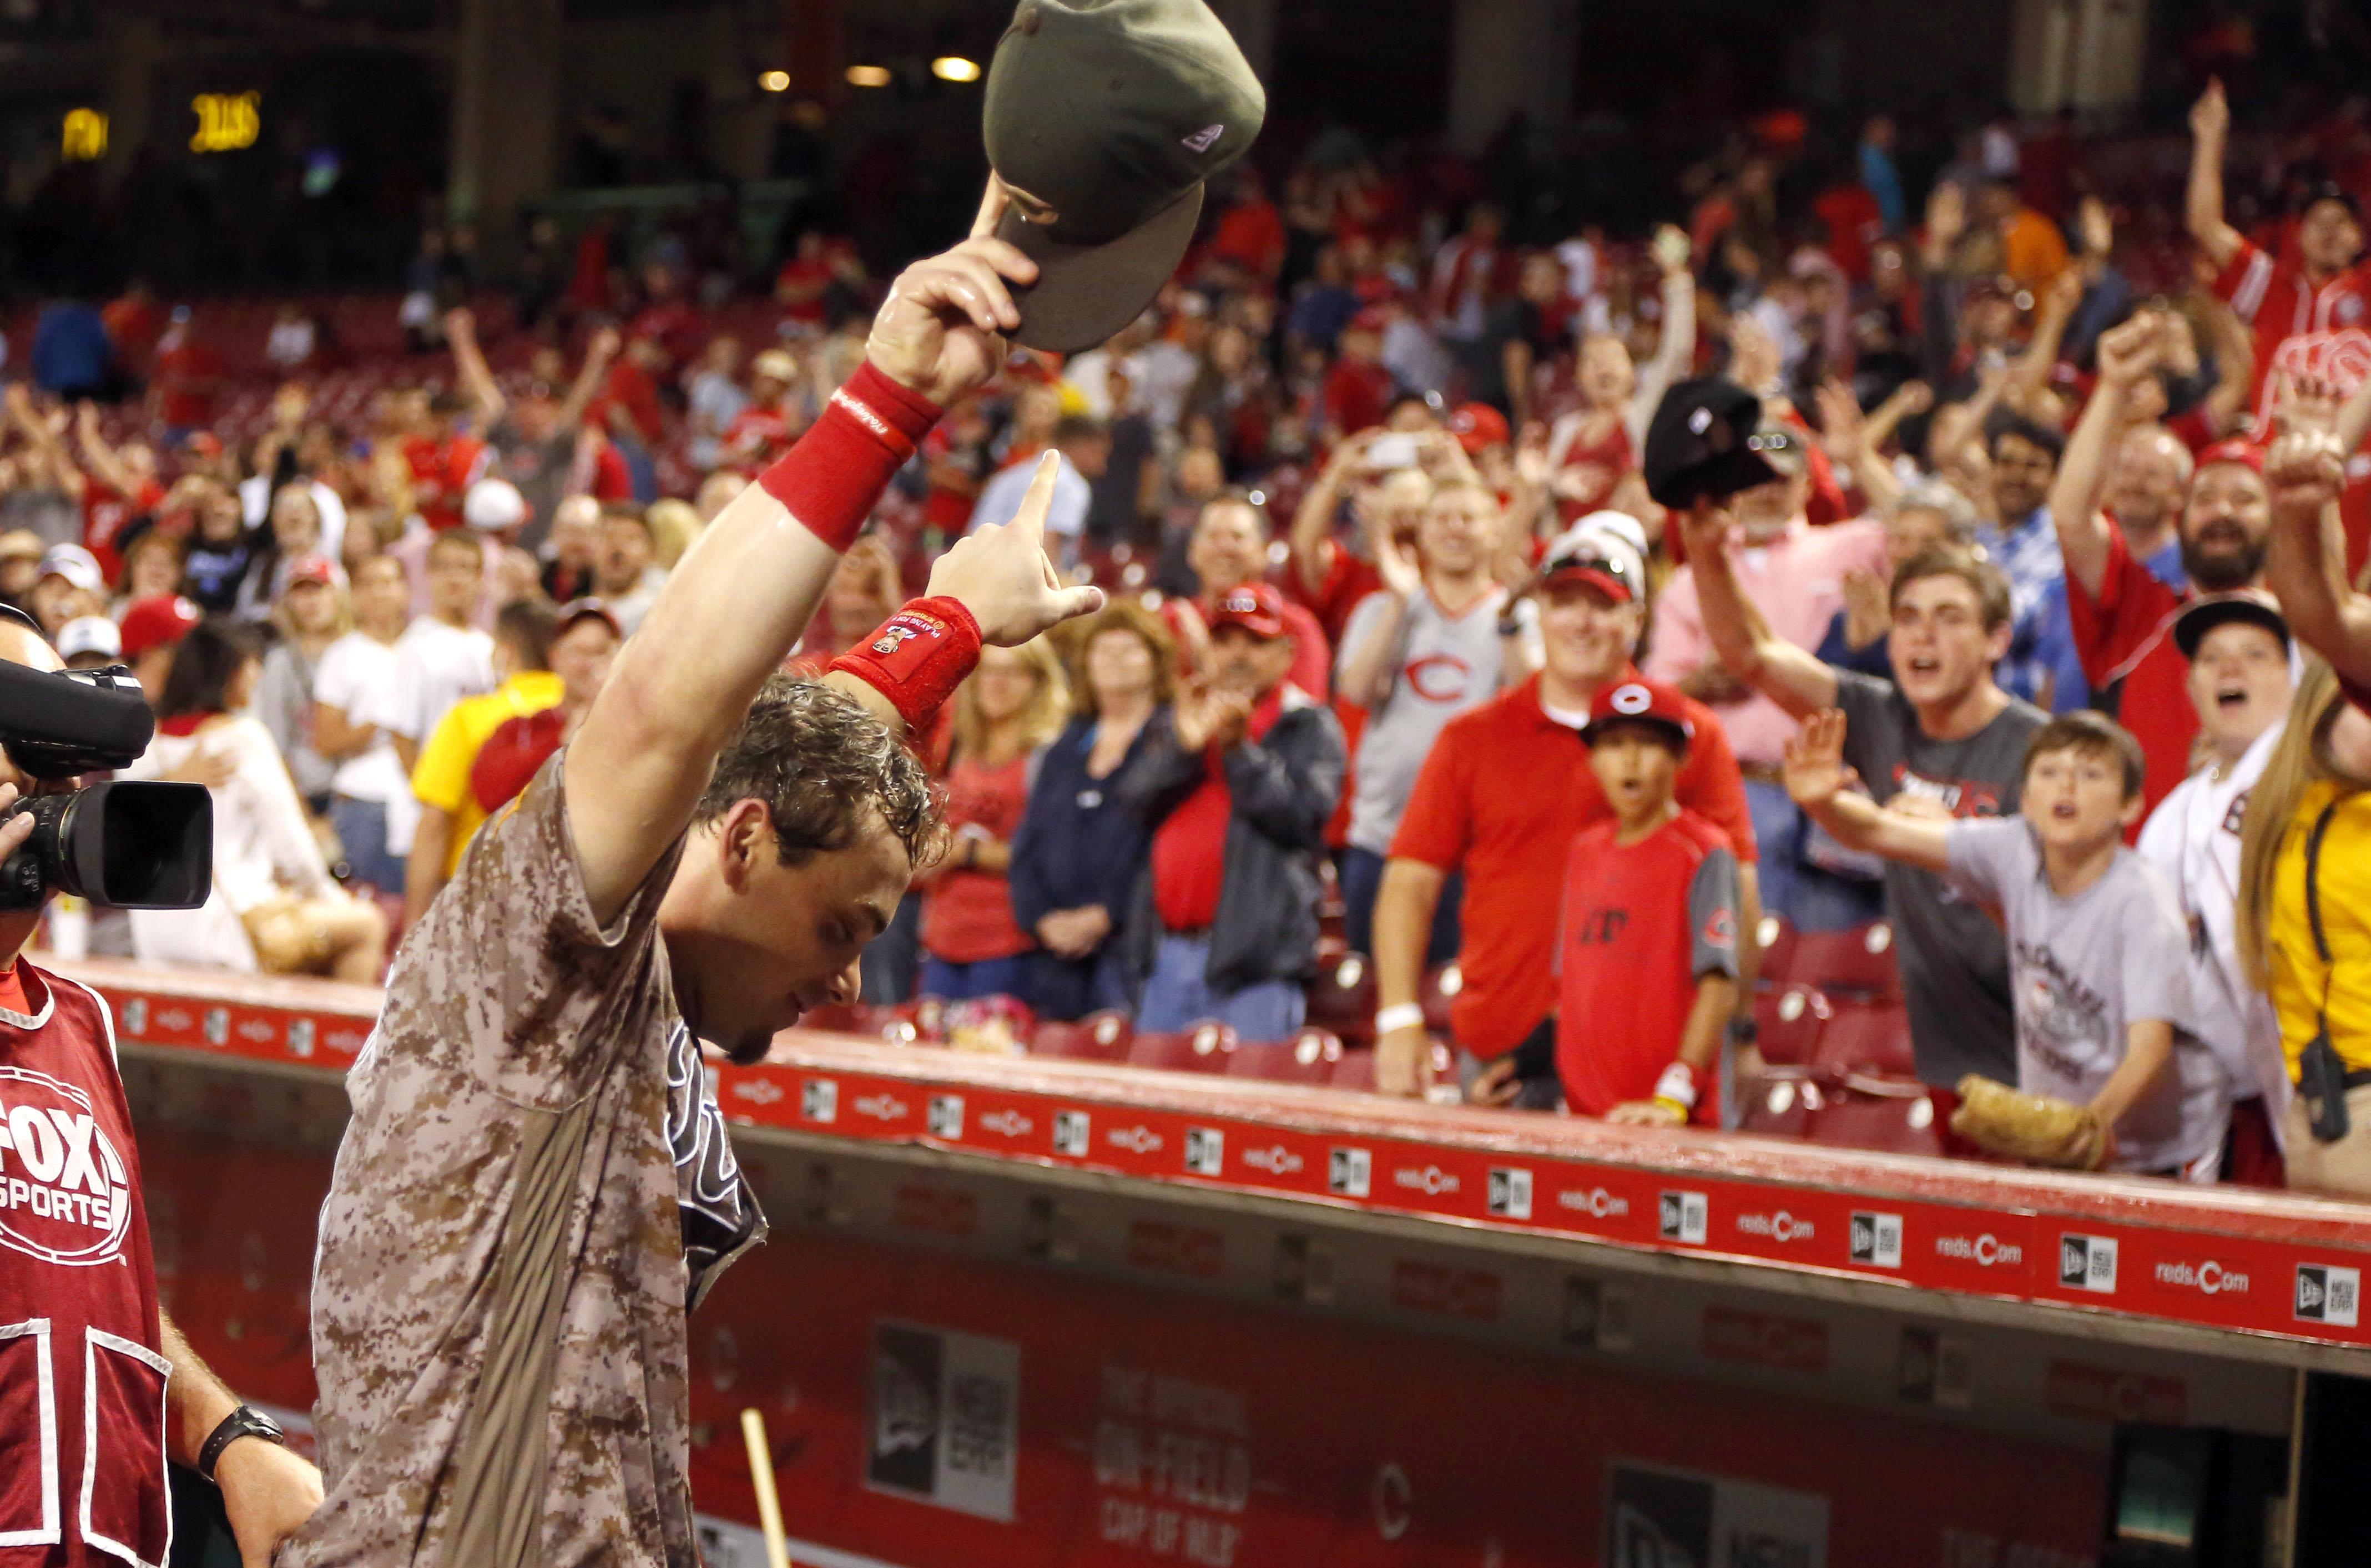 MLB: St. Louis Cardinals at Cincinnati Reds